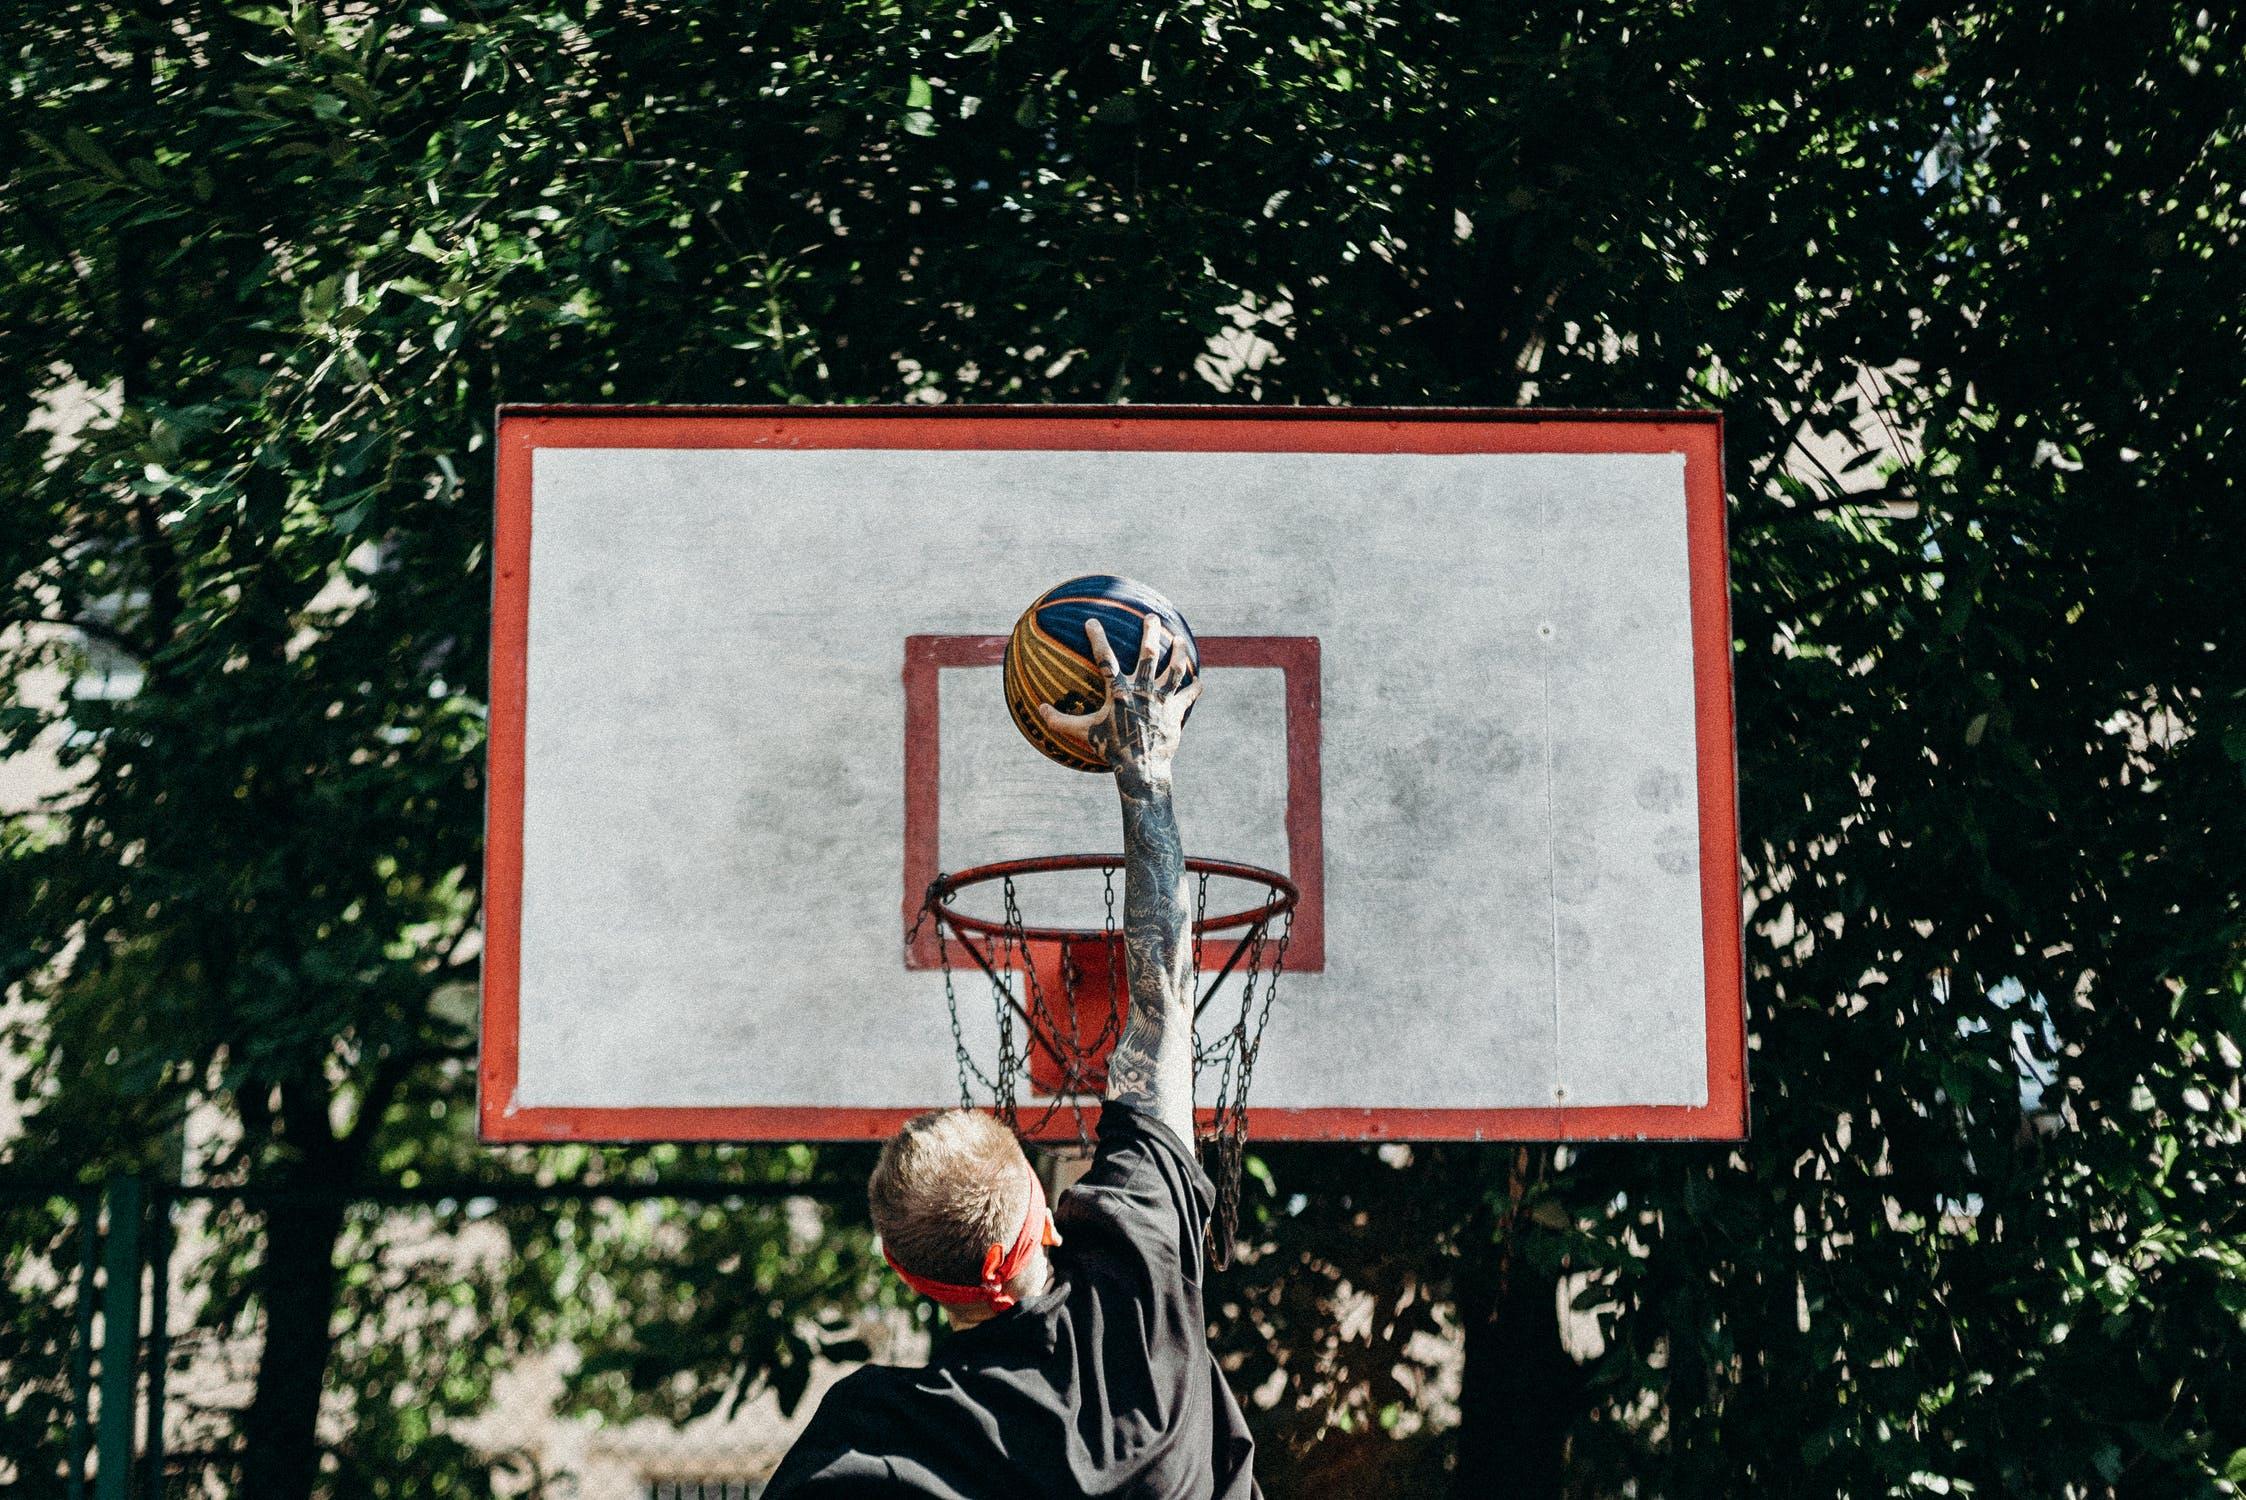 Ảnh giày chơi bóng rổ